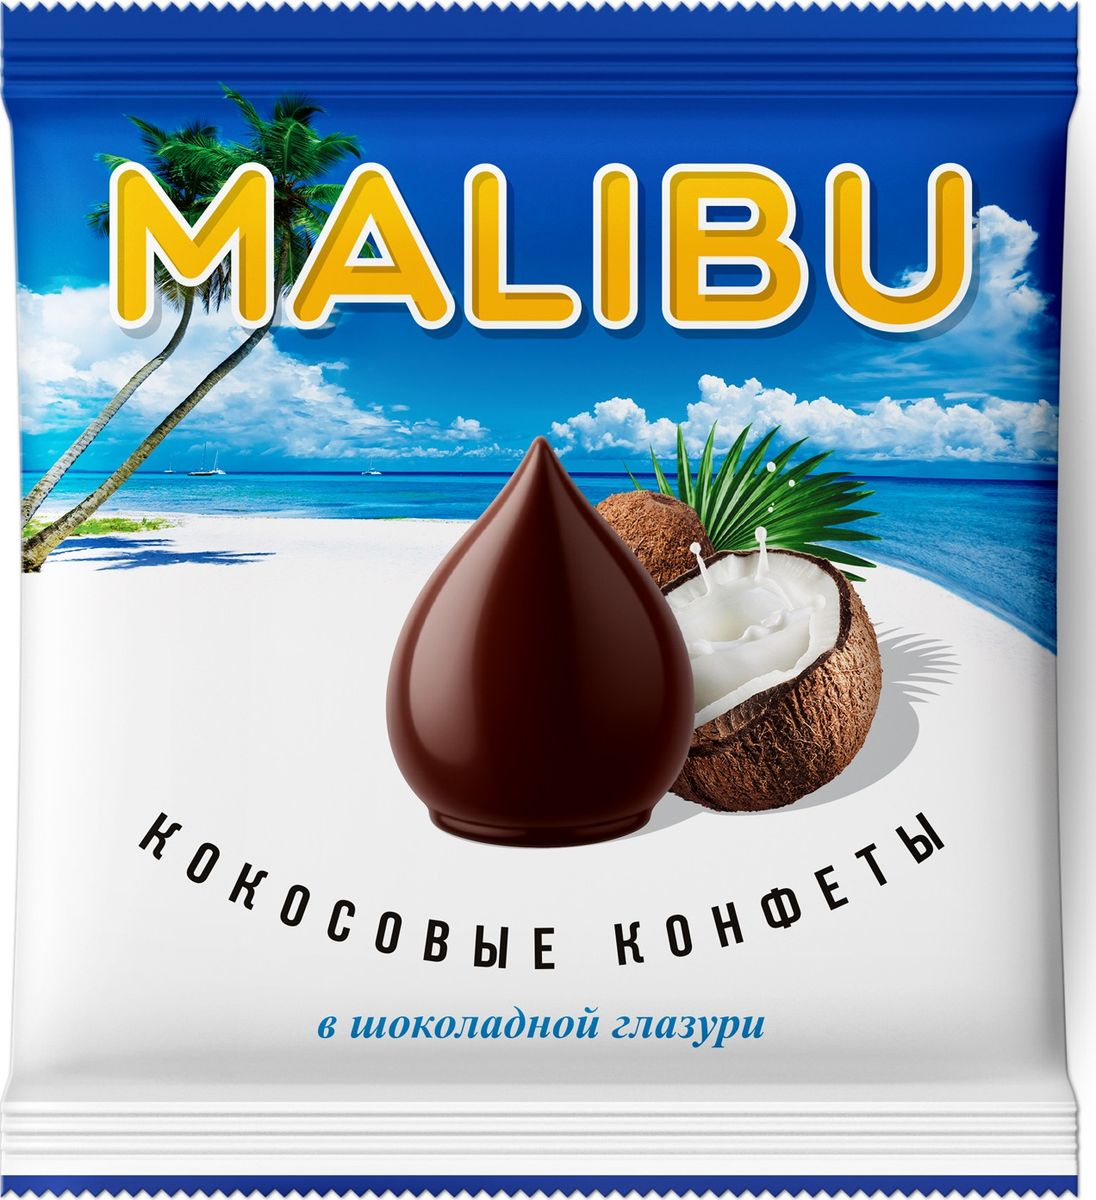 Malibu Кокос в шоколадной глазури конфеты, 140 г bona vita батончик ореховый с семенами подсолнечника орехами и медом в шоколадной глазури 35 г